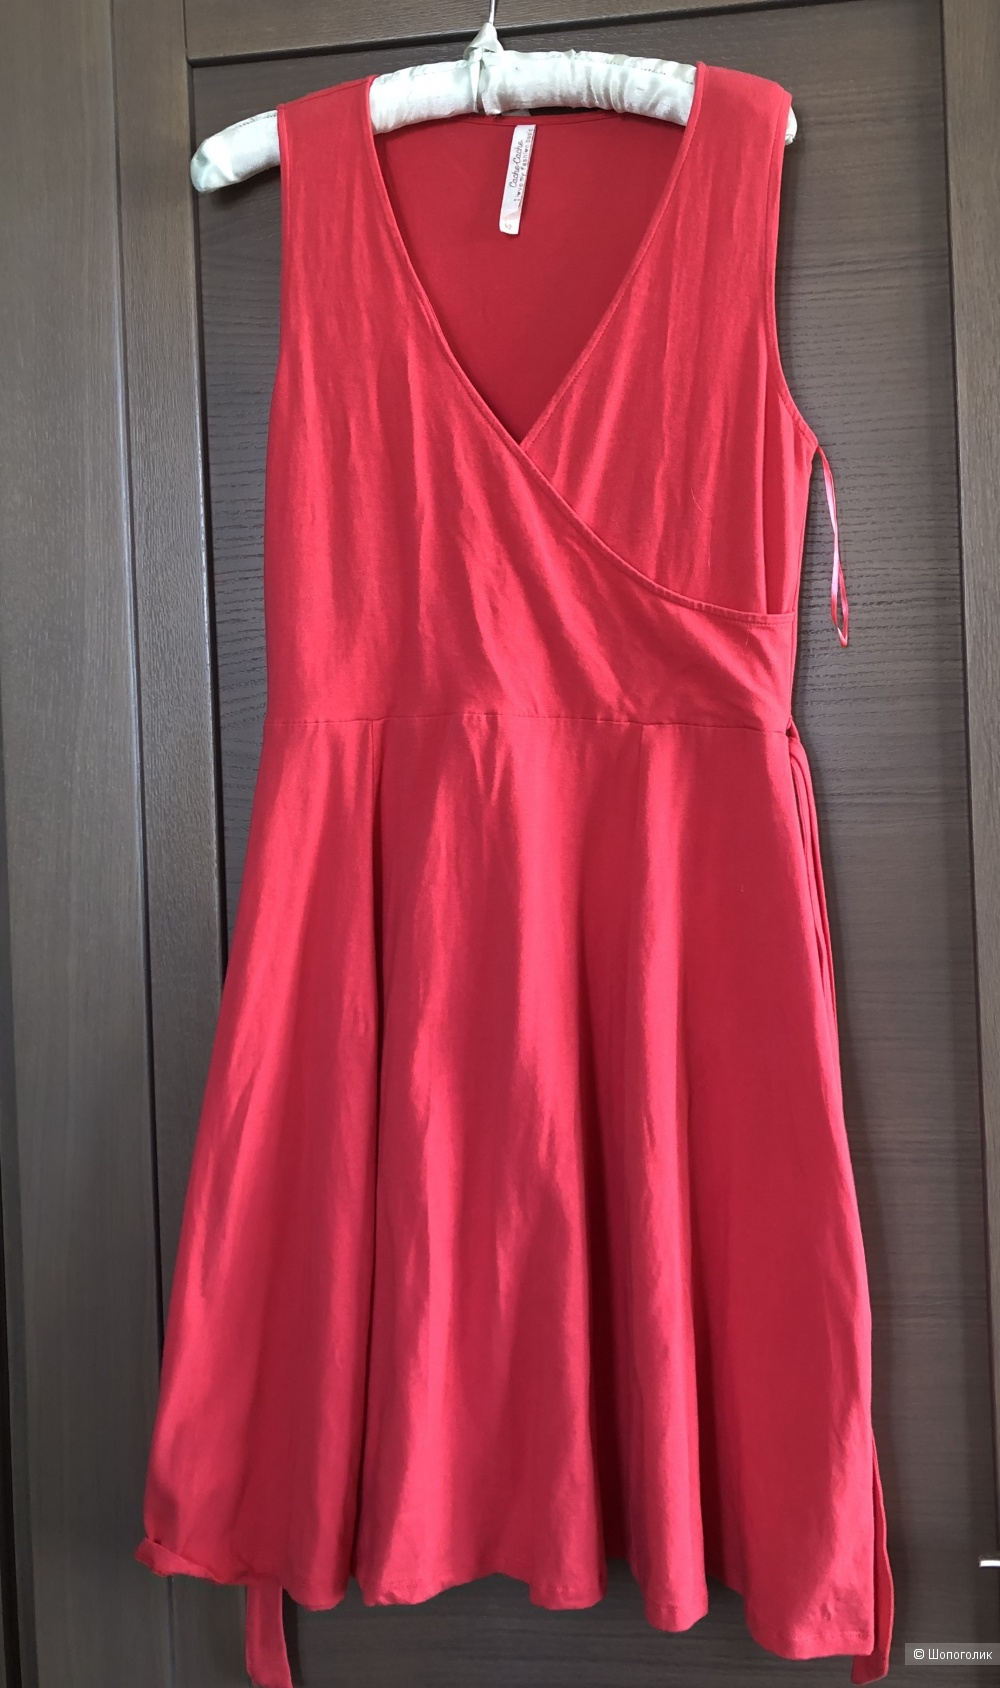 Платье Cache cache, по маркировке размер 42, на российский 46-48